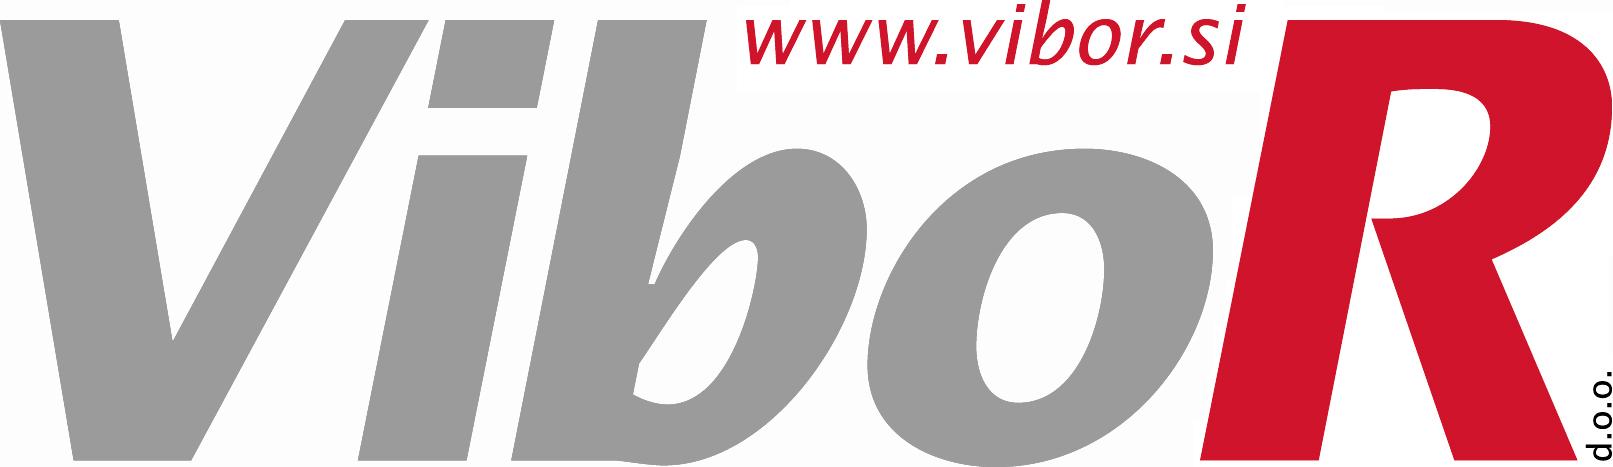 Vibor d.o.o. zastopnik za RICOH v Sloveniji in ukinja NASHUATEC